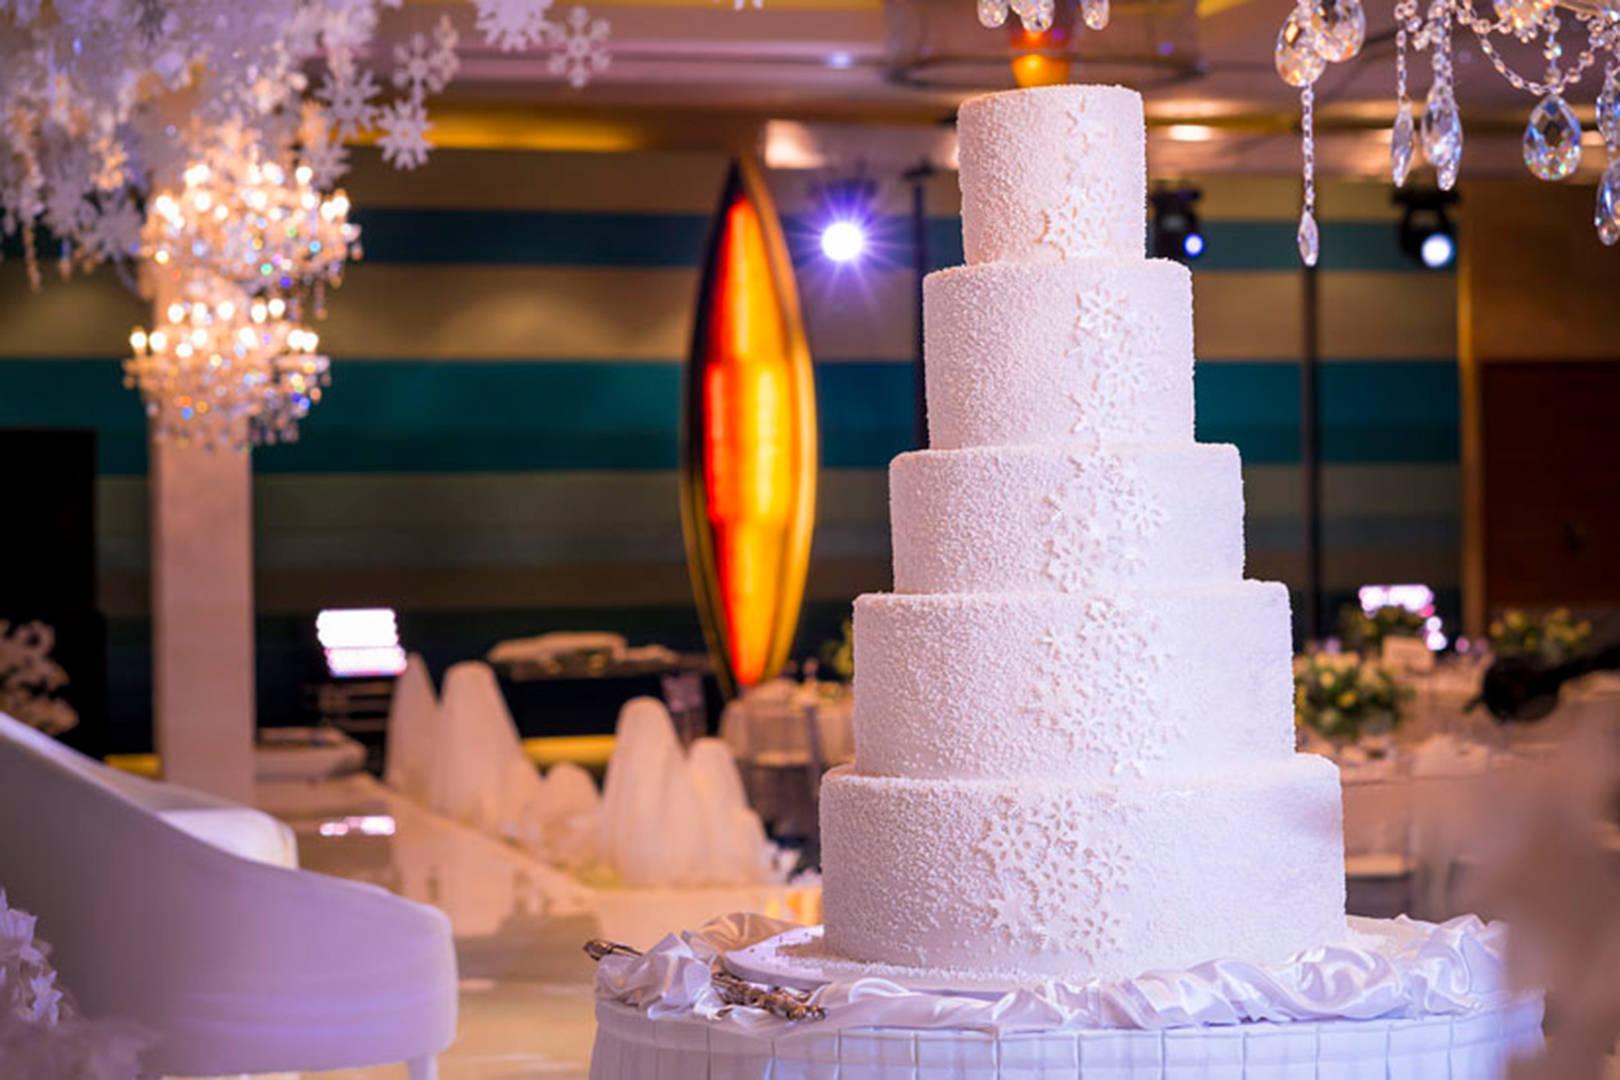 https://cdn.jumeirah.com/-/mediadh/DH/Hospitality/Jumeirah/Occasion/Dubai/Jumeirah-Beach-Hotel/Safinah-Ballroom/JumeirahBeachHotelSafinahBallroomWedding364.jpg?h=1080&w=1620&hash=8FDC55F98327F681D311279E75490C40